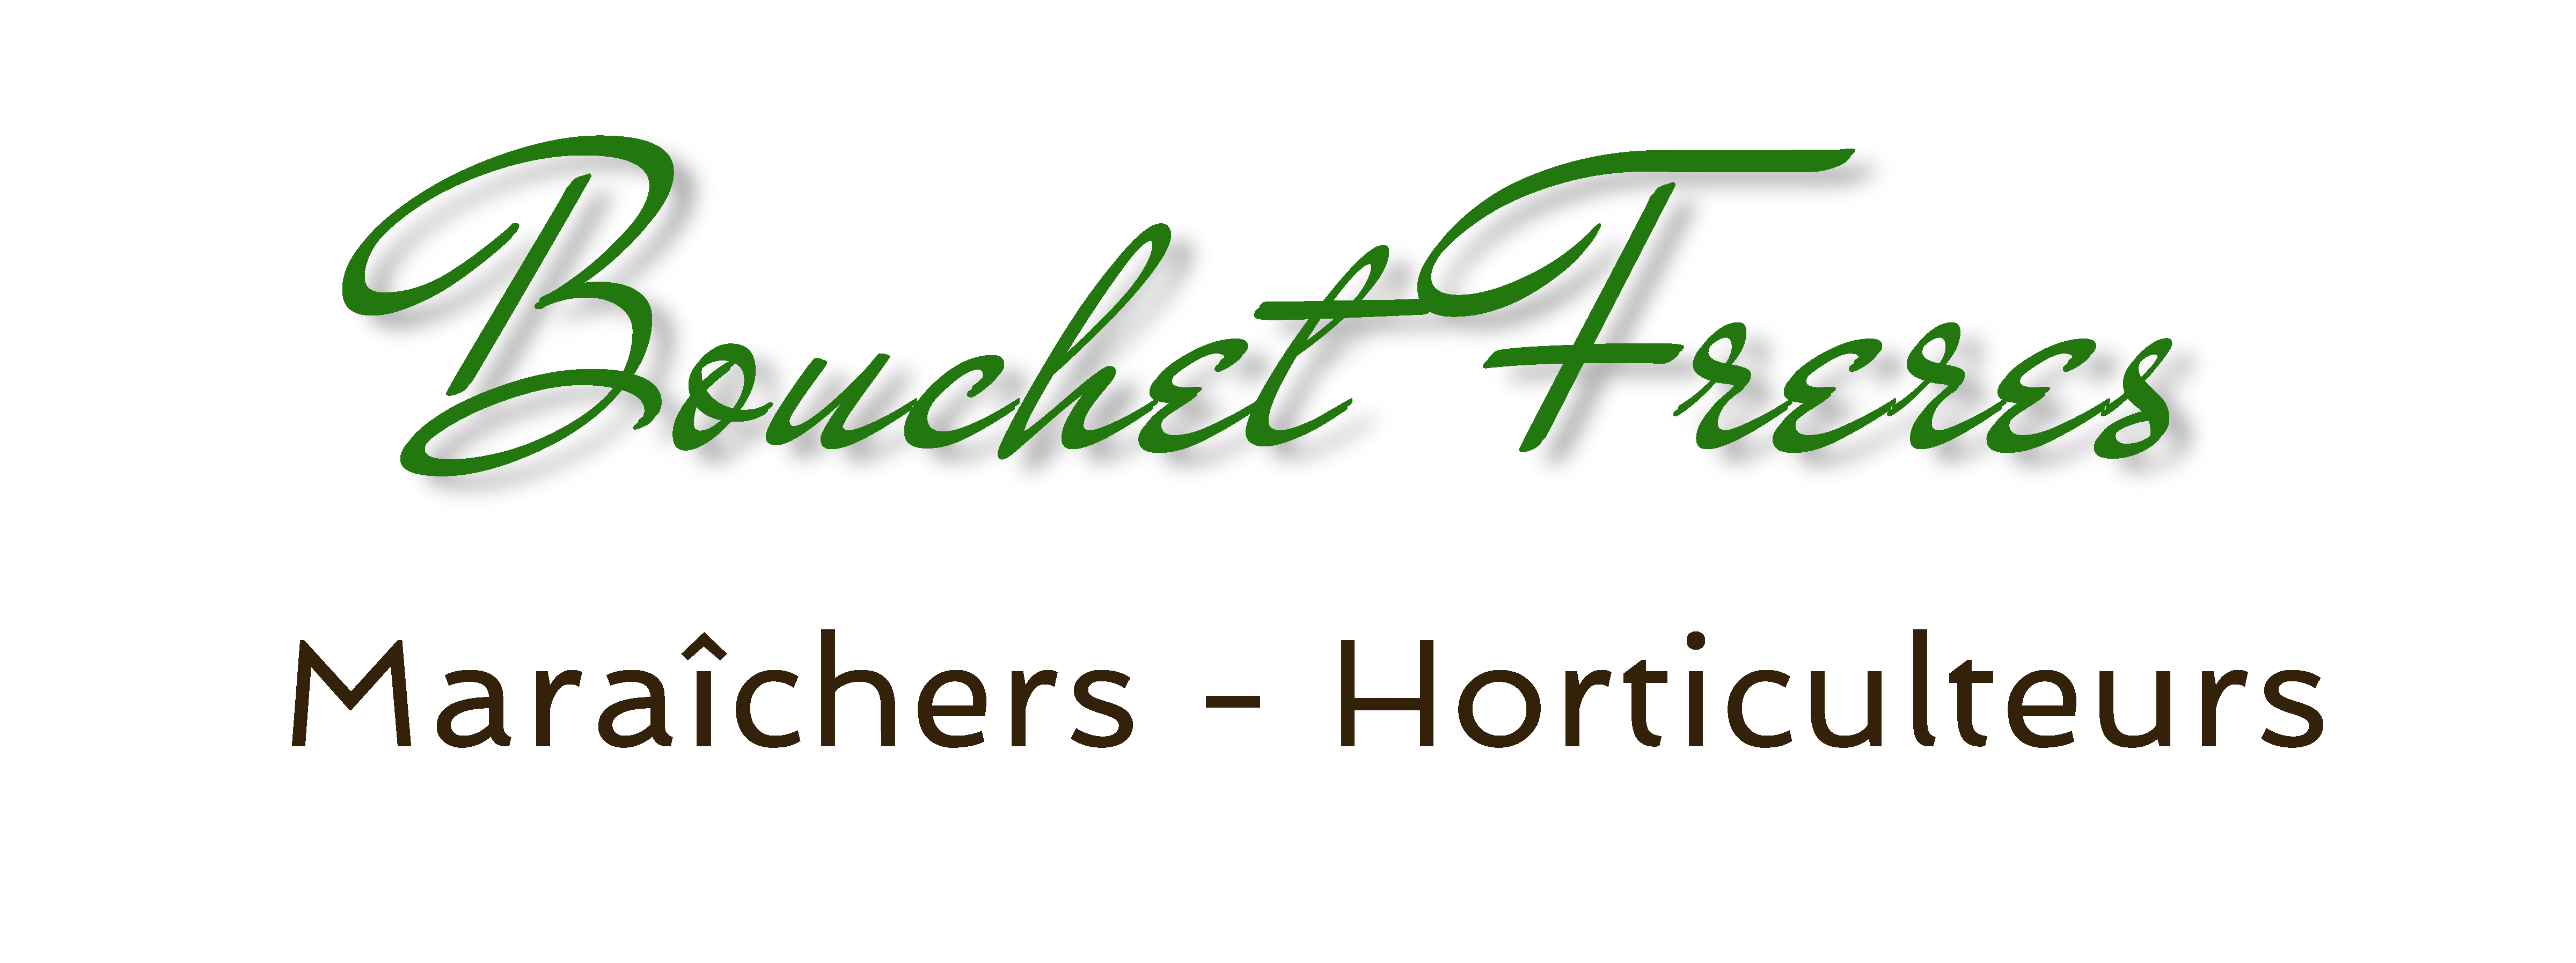 logo Bouchet Freres horticulteur maraicher Cruseilles